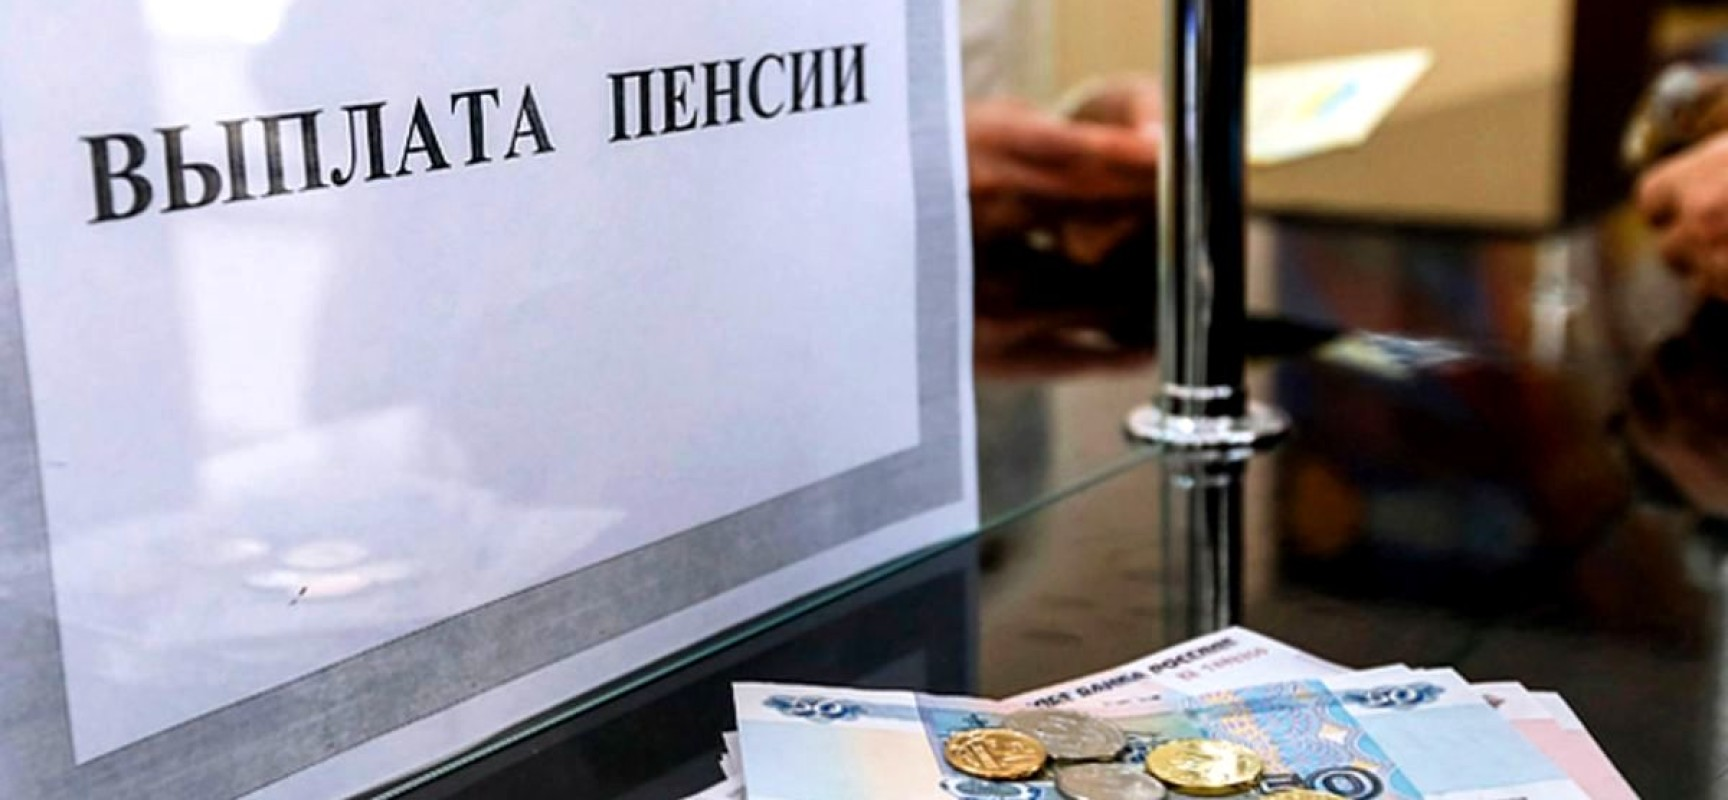 Назначение пенсии в России: как учитывается работа в странах ближнего зарубежья, международные соглашения, особенности